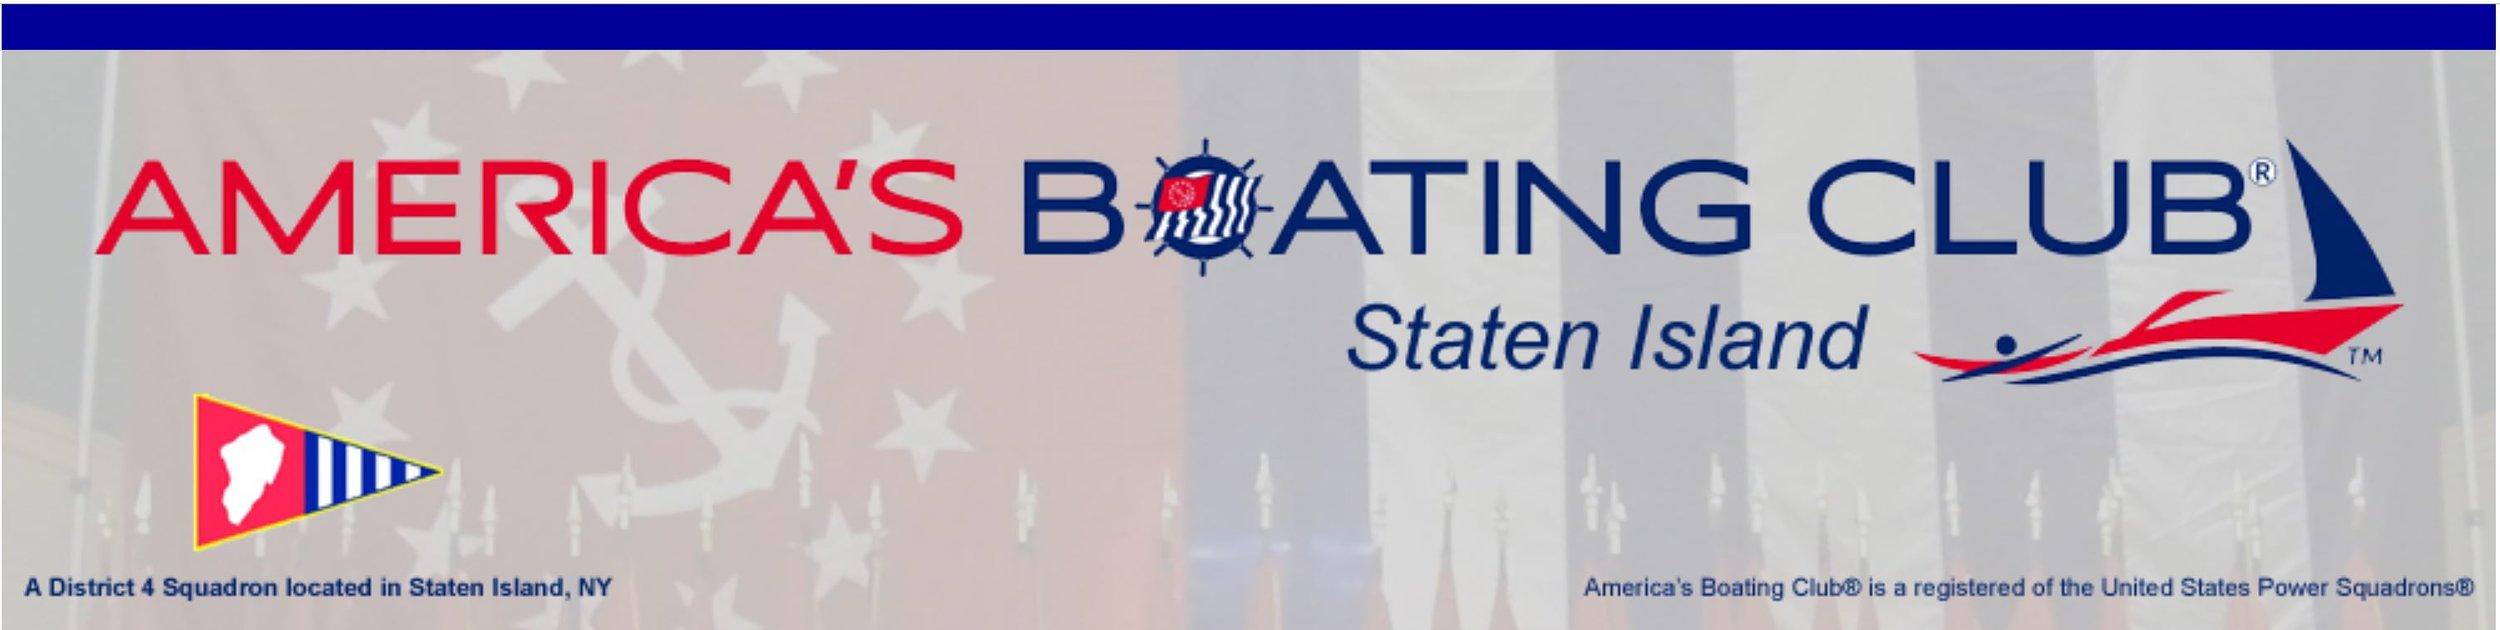 Americas-Boating-Club-logo.jpg